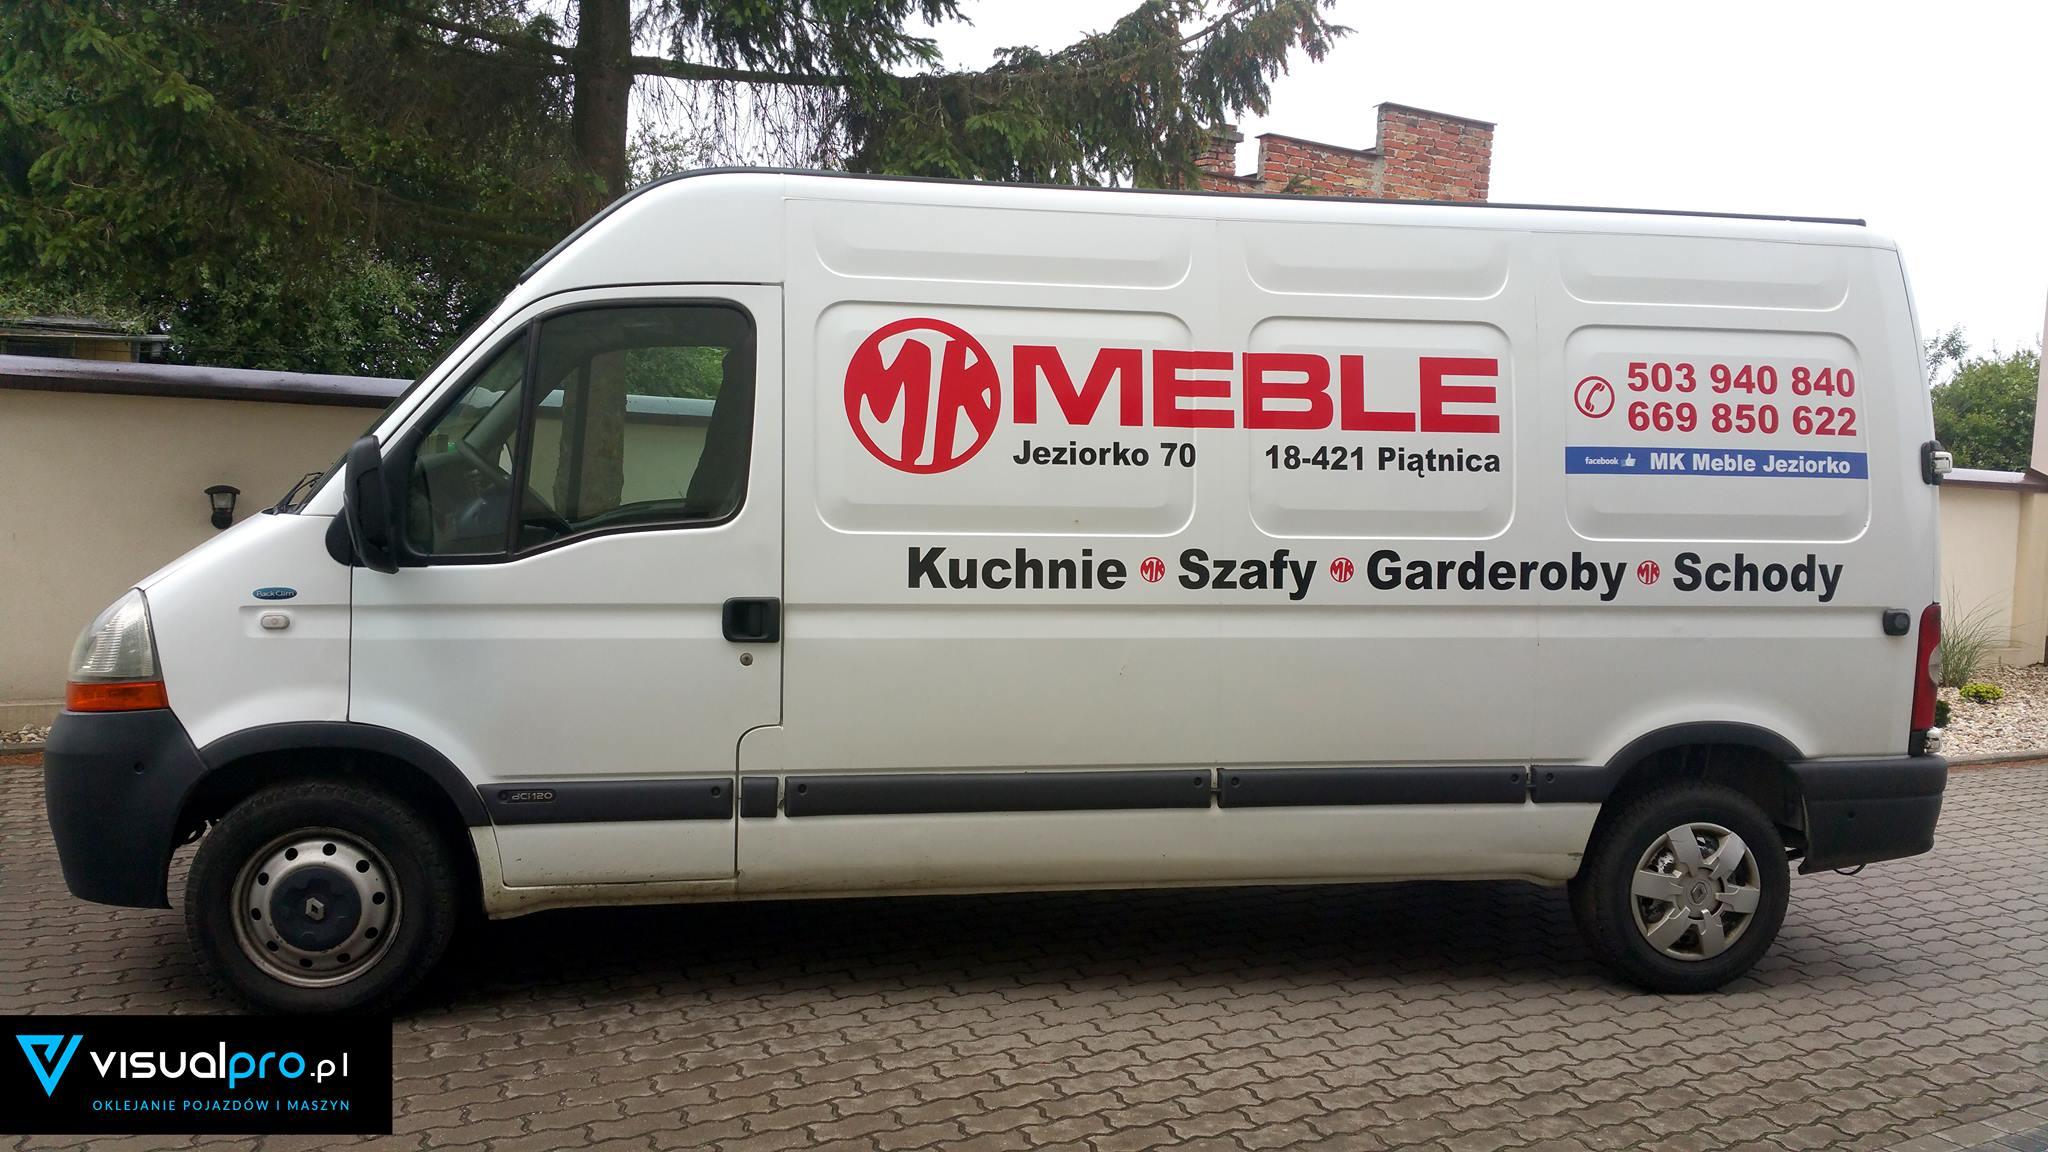 Reklama Na Samochodzie Mk Meble